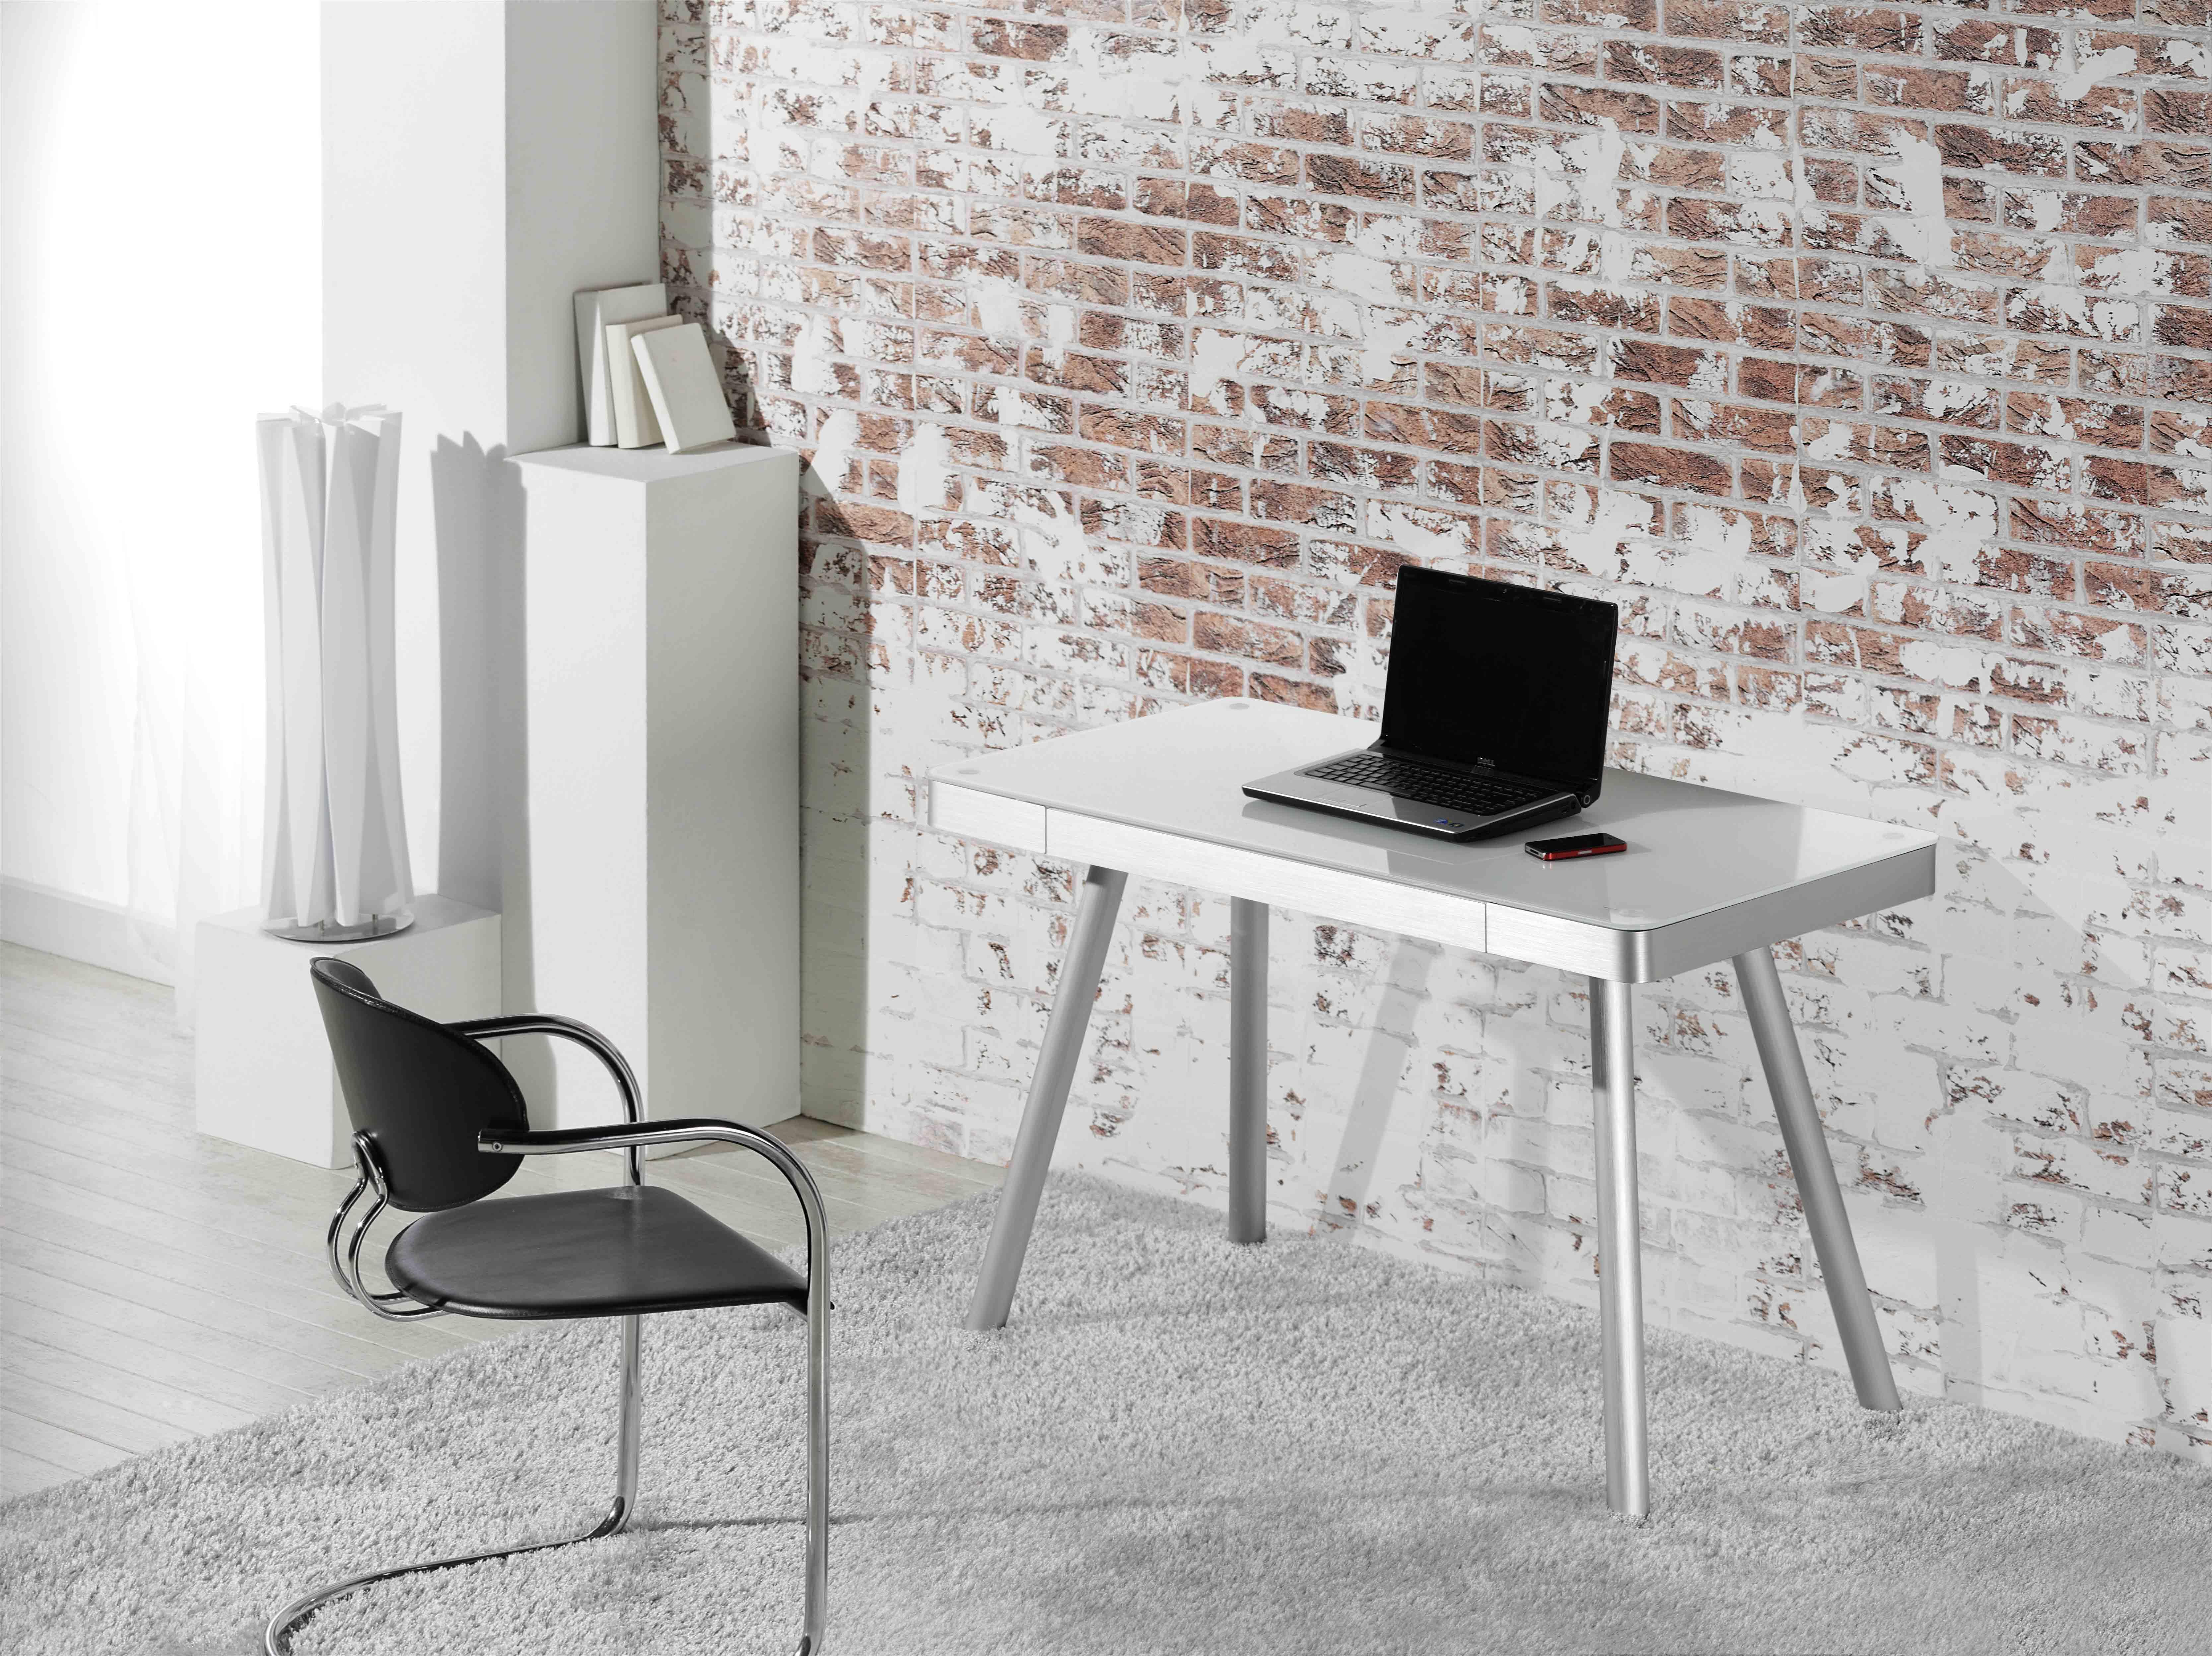 schreibtisch metall alu wei glas m bel 29. Black Bedroom Furniture Sets. Home Design Ideas